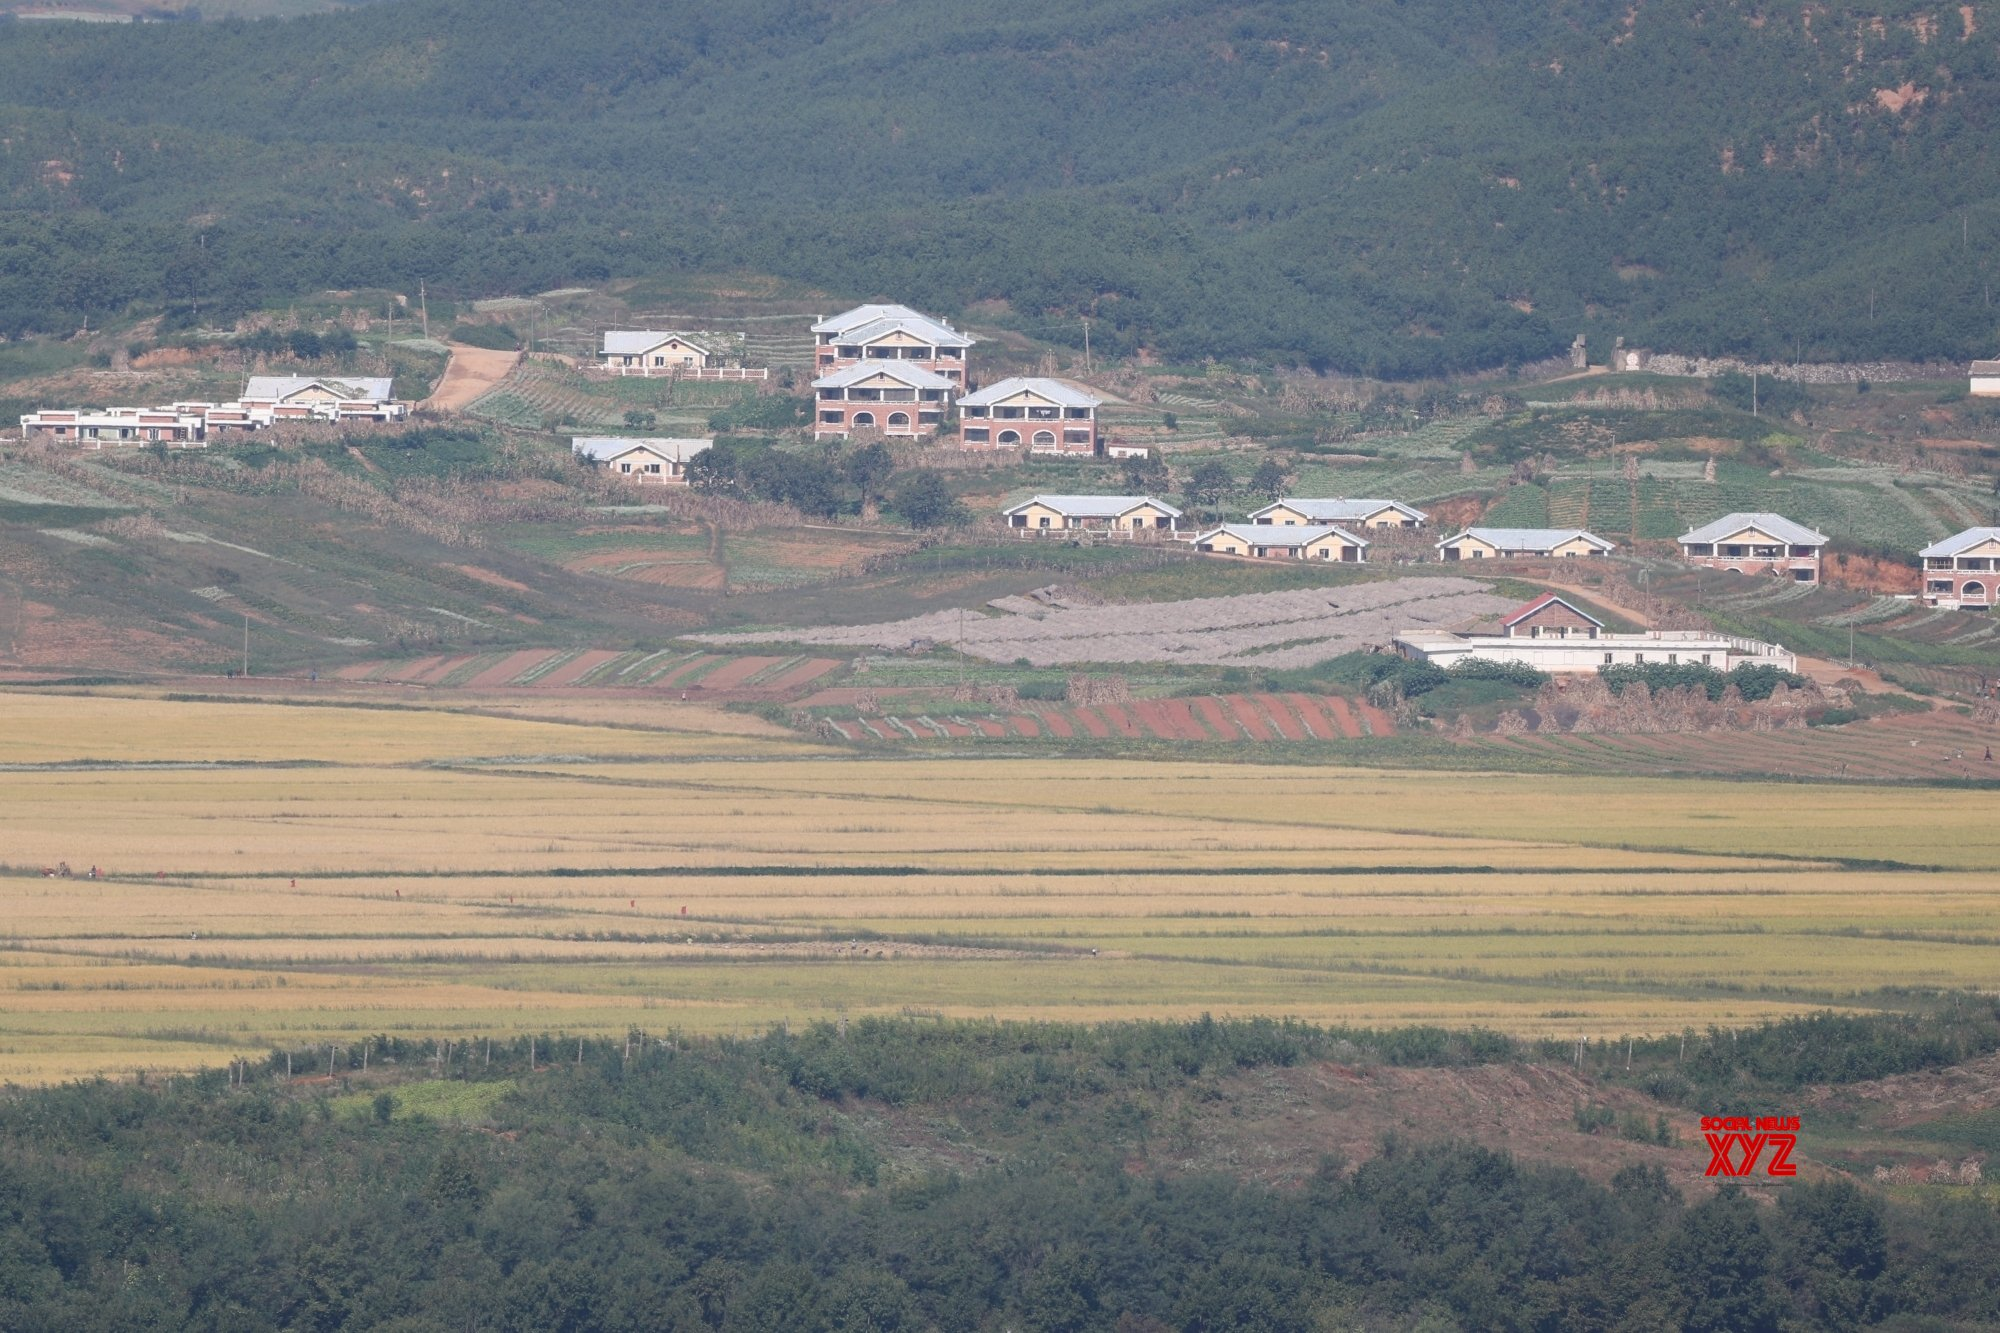 Seoul : Yellow paddy fields in N. Korea #Gallery